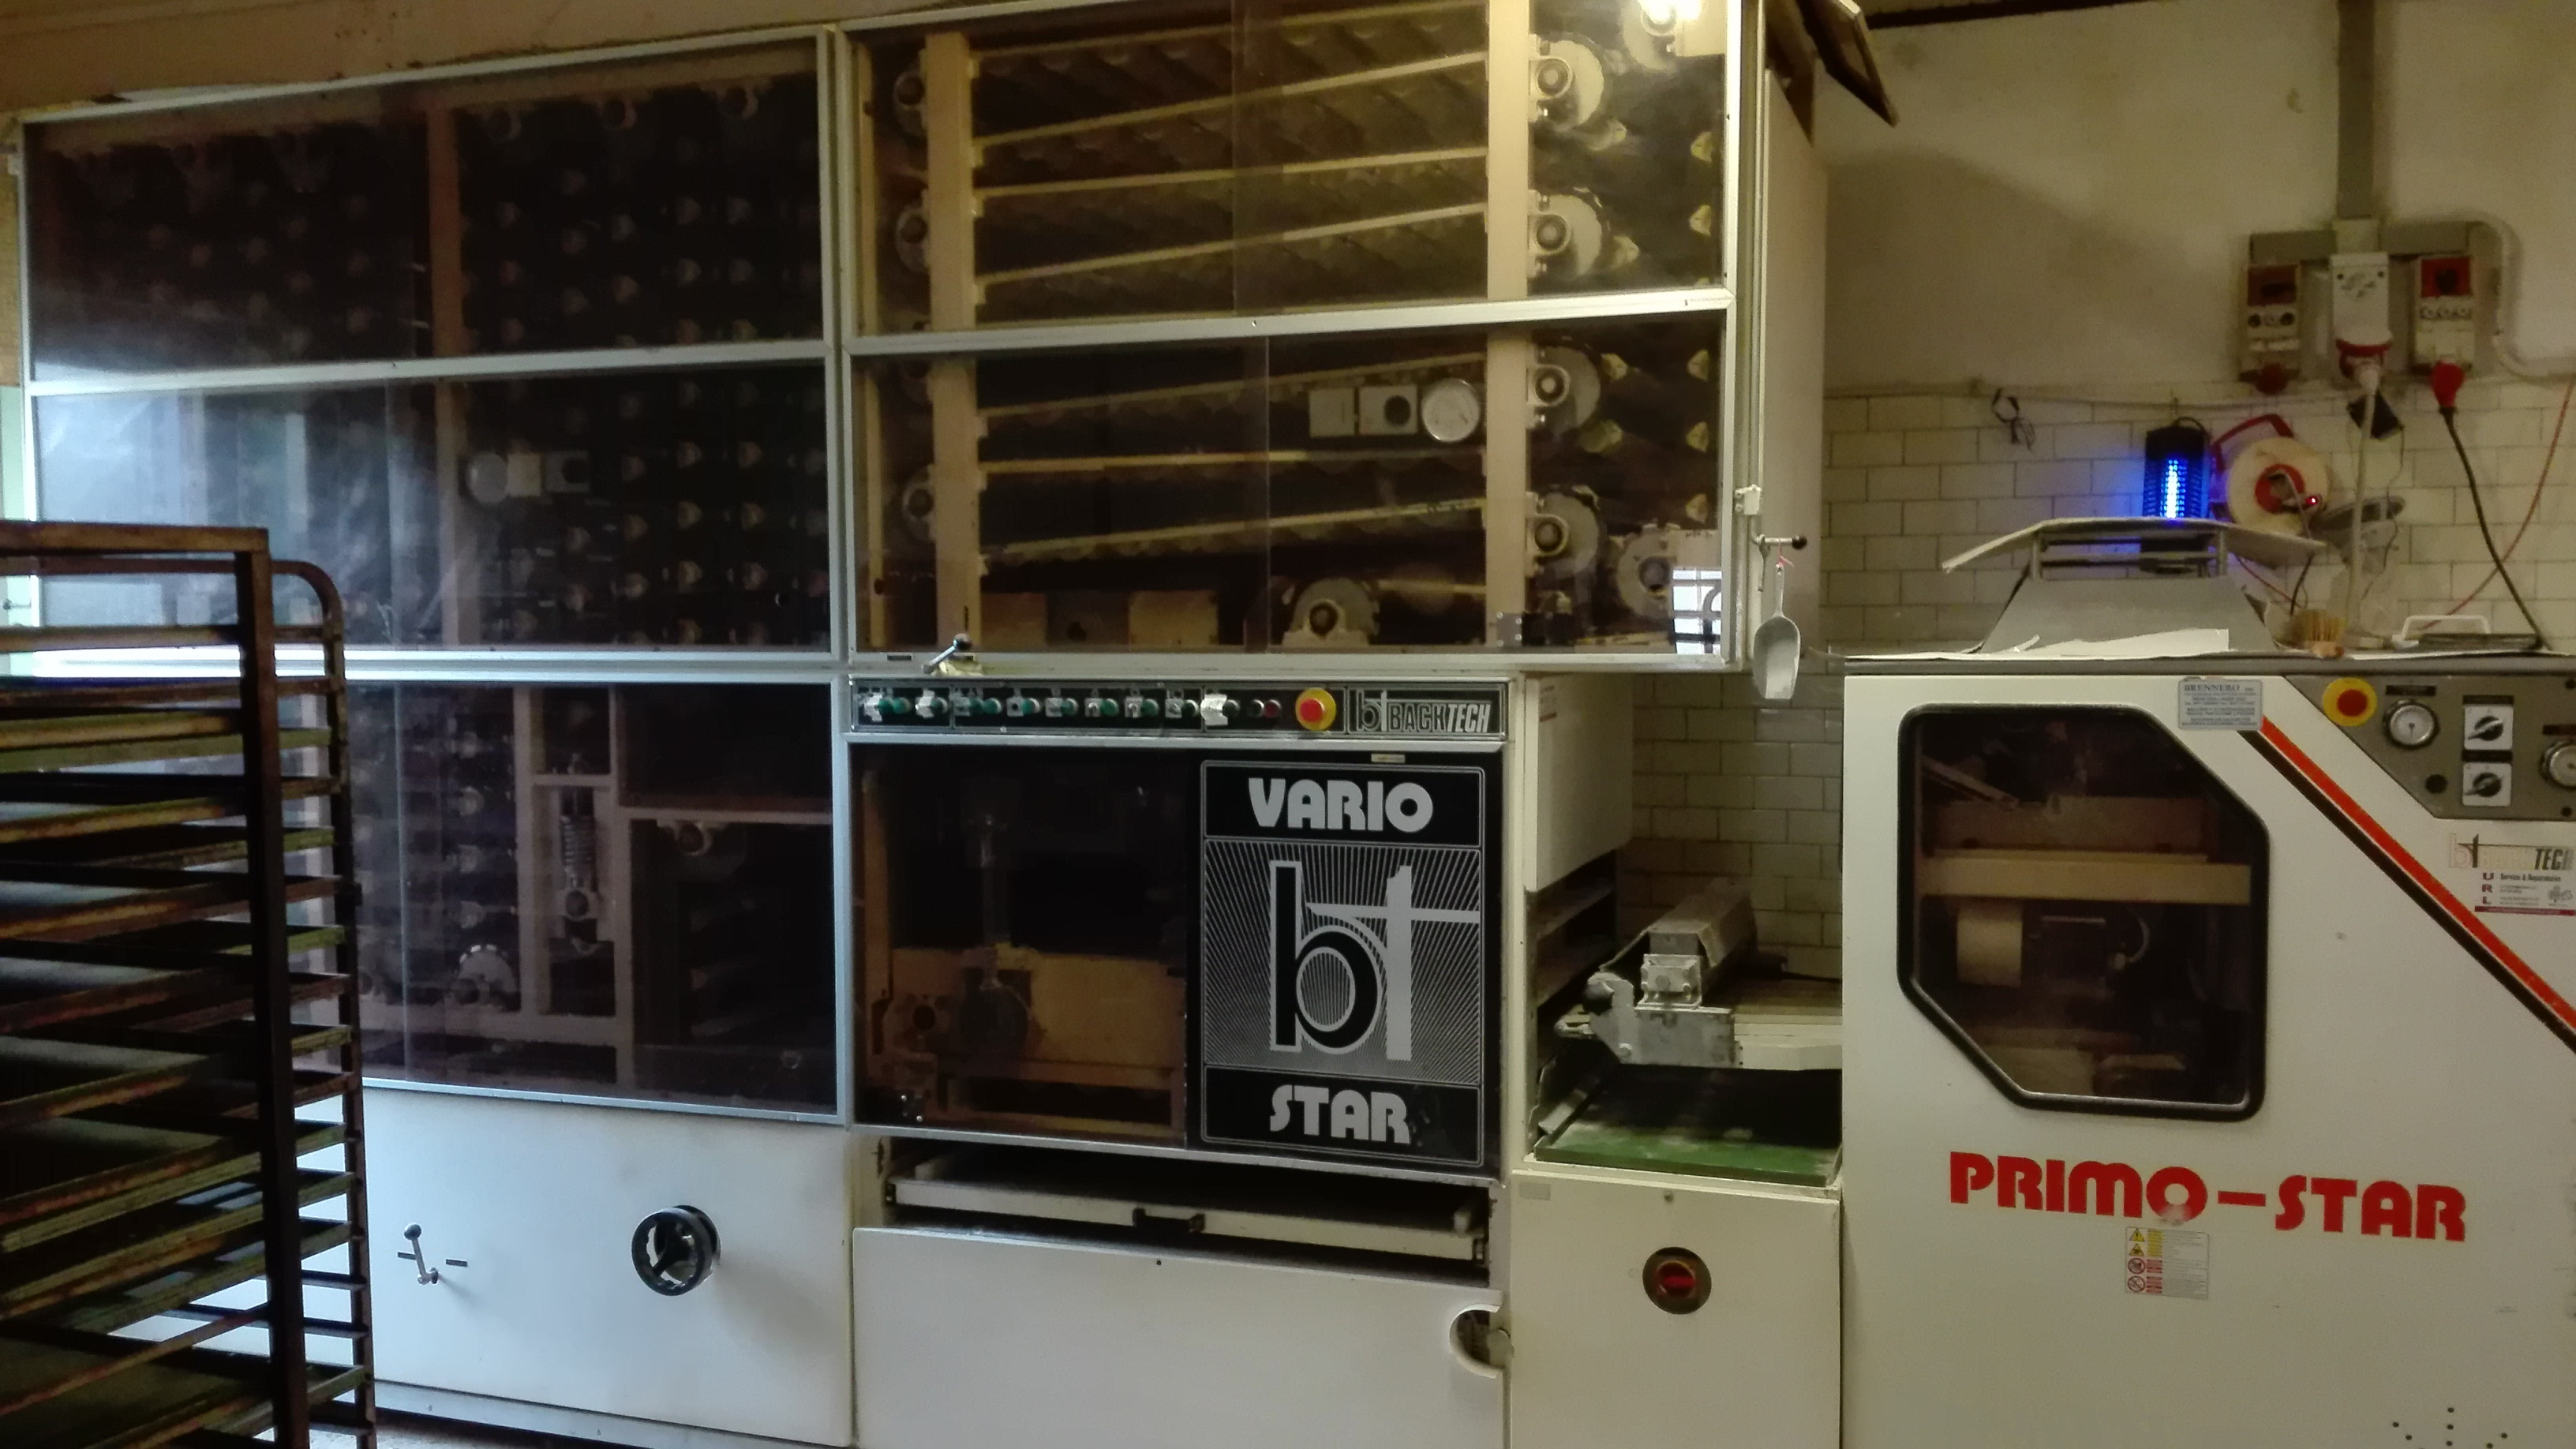 Linee produzione di pane, pizze o pasta in vendita